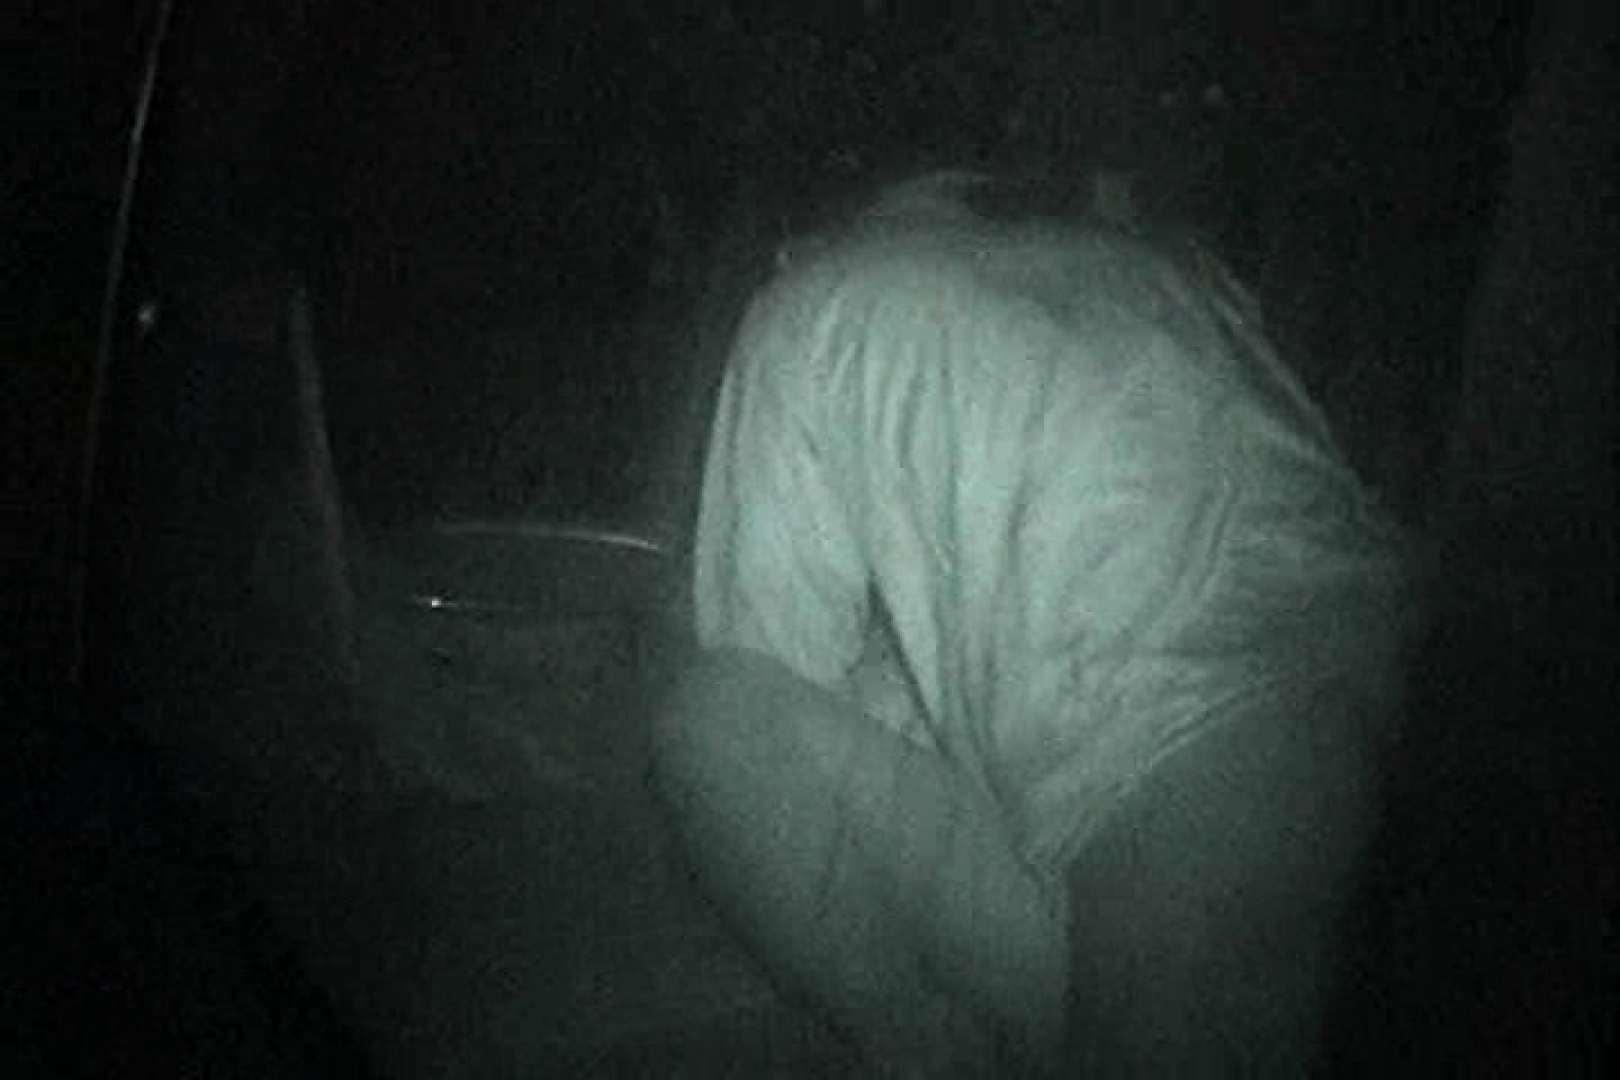 充血監督の深夜の運動会Vol.15 OLすけべ画像 | カップル  60連発 39